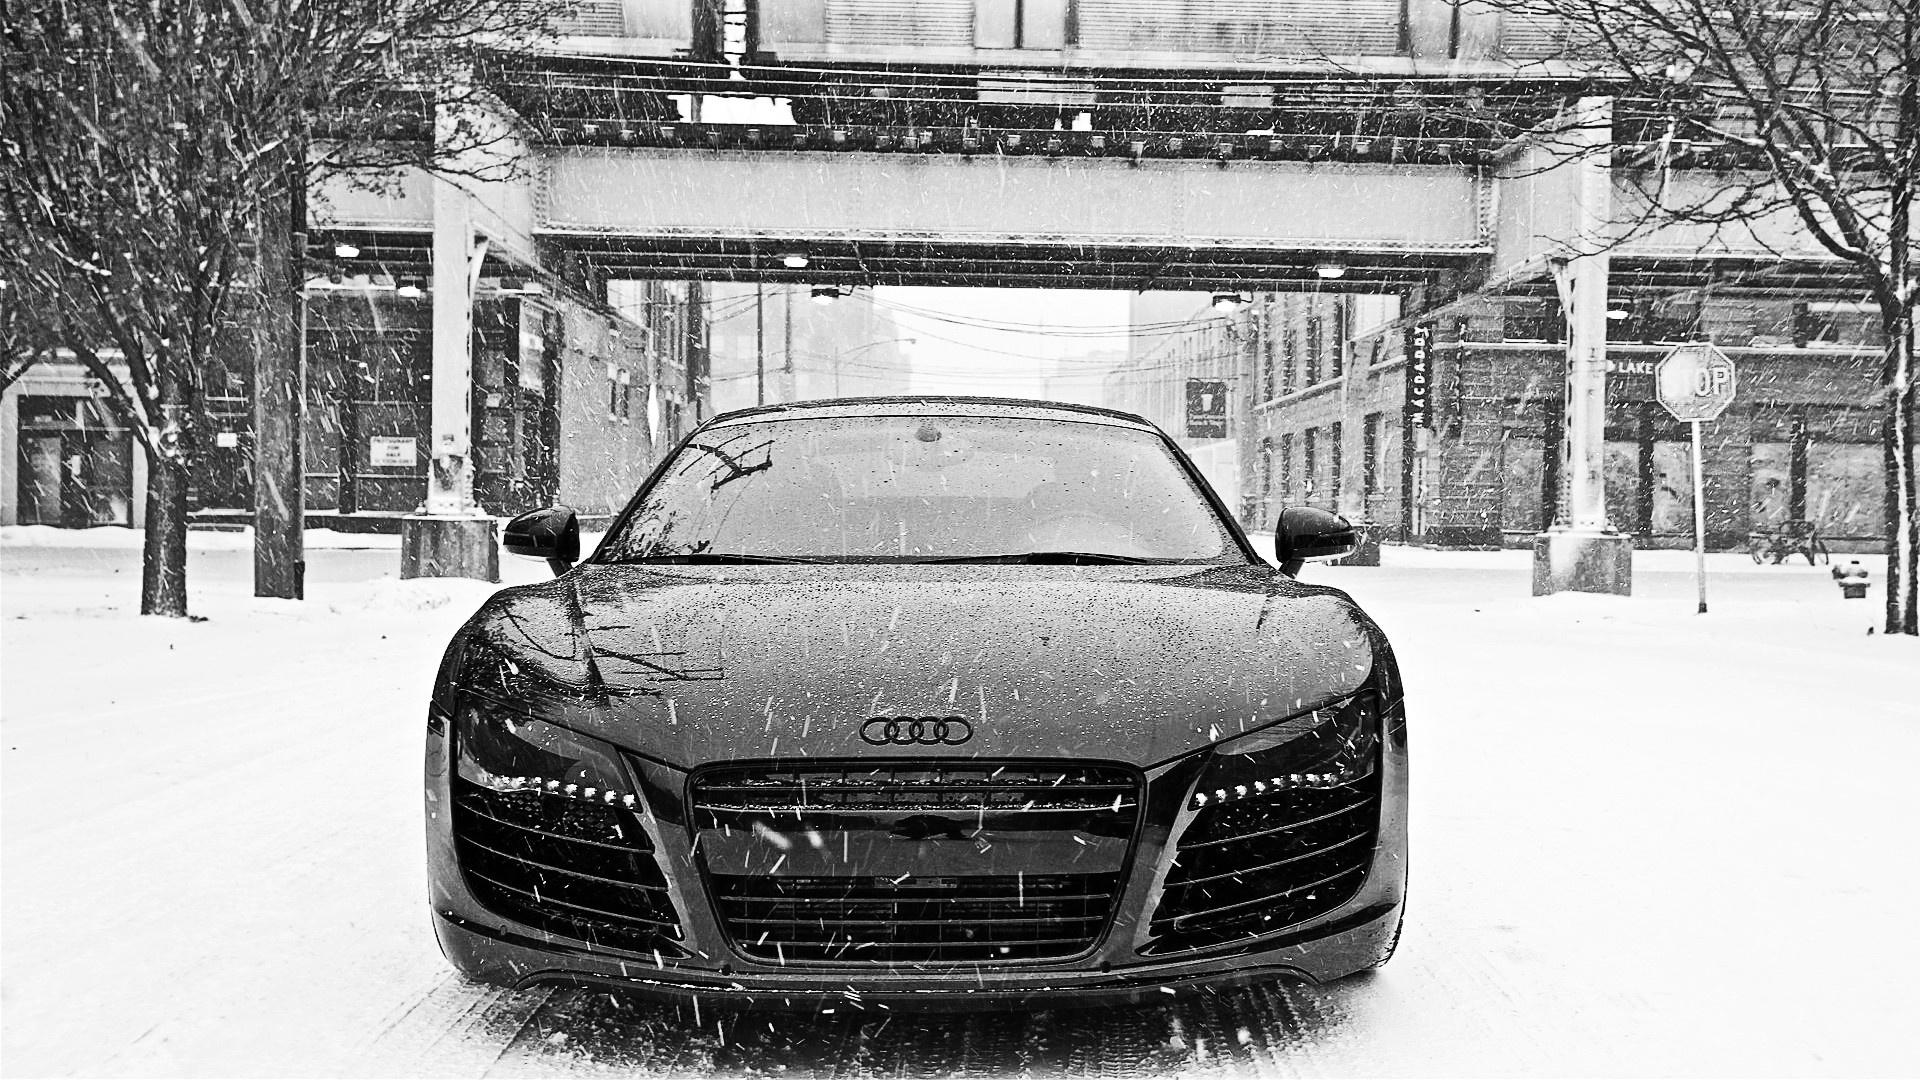 audi r8 snow hd